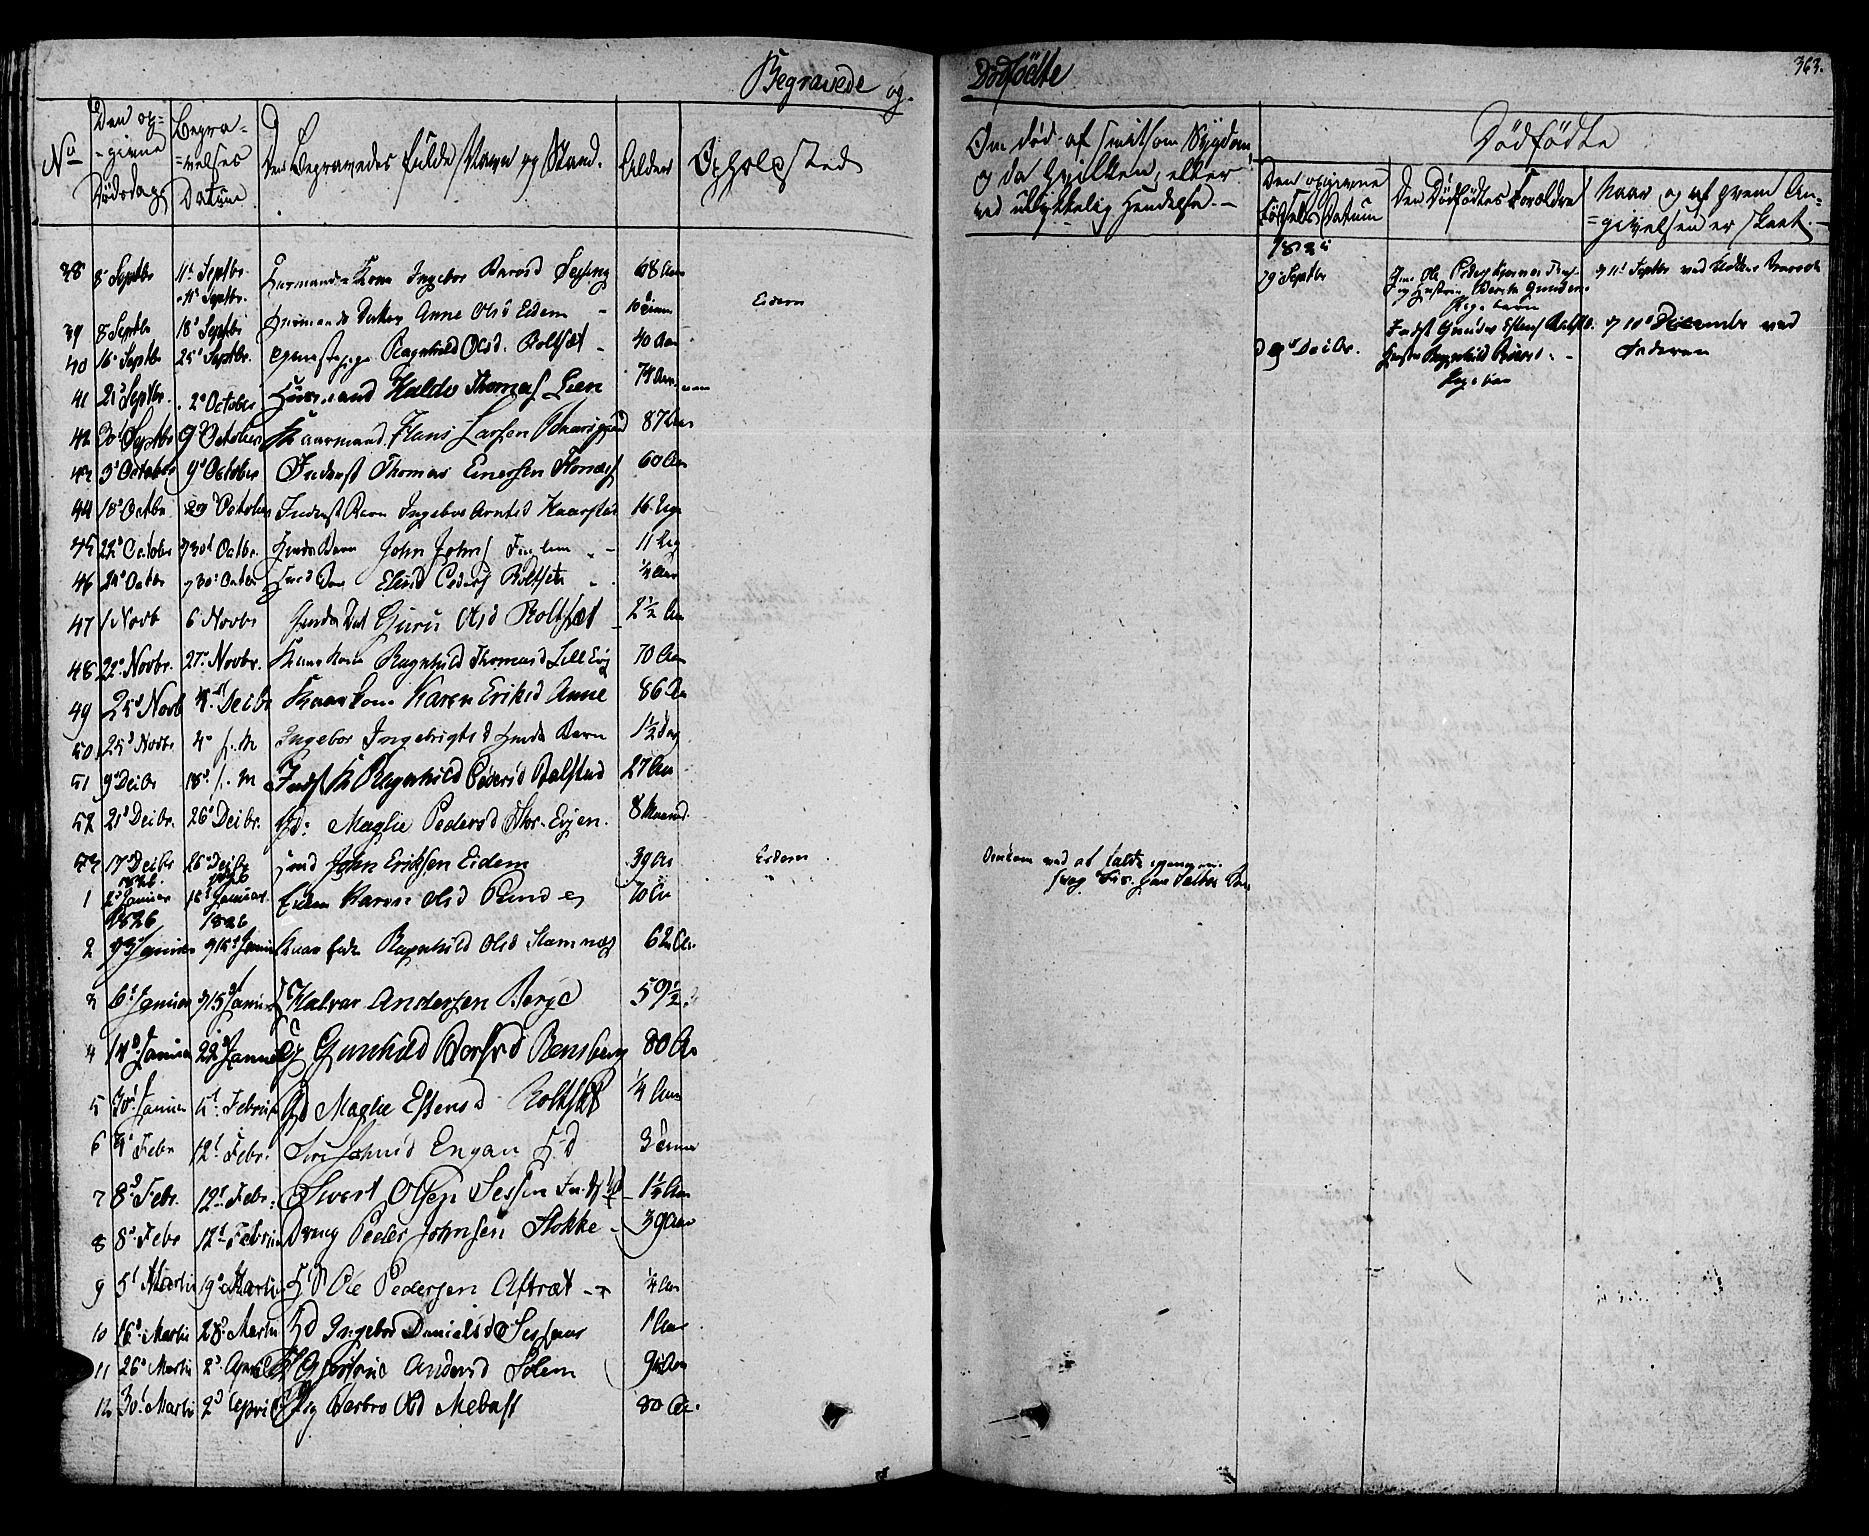 SAT, Ministerialprotokoller, klokkerbøker og fødselsregistre - Sør-Trøndelag, 695/L1143: Ministerialbok nr. 695A05 /1, 1824-1842, s. 363